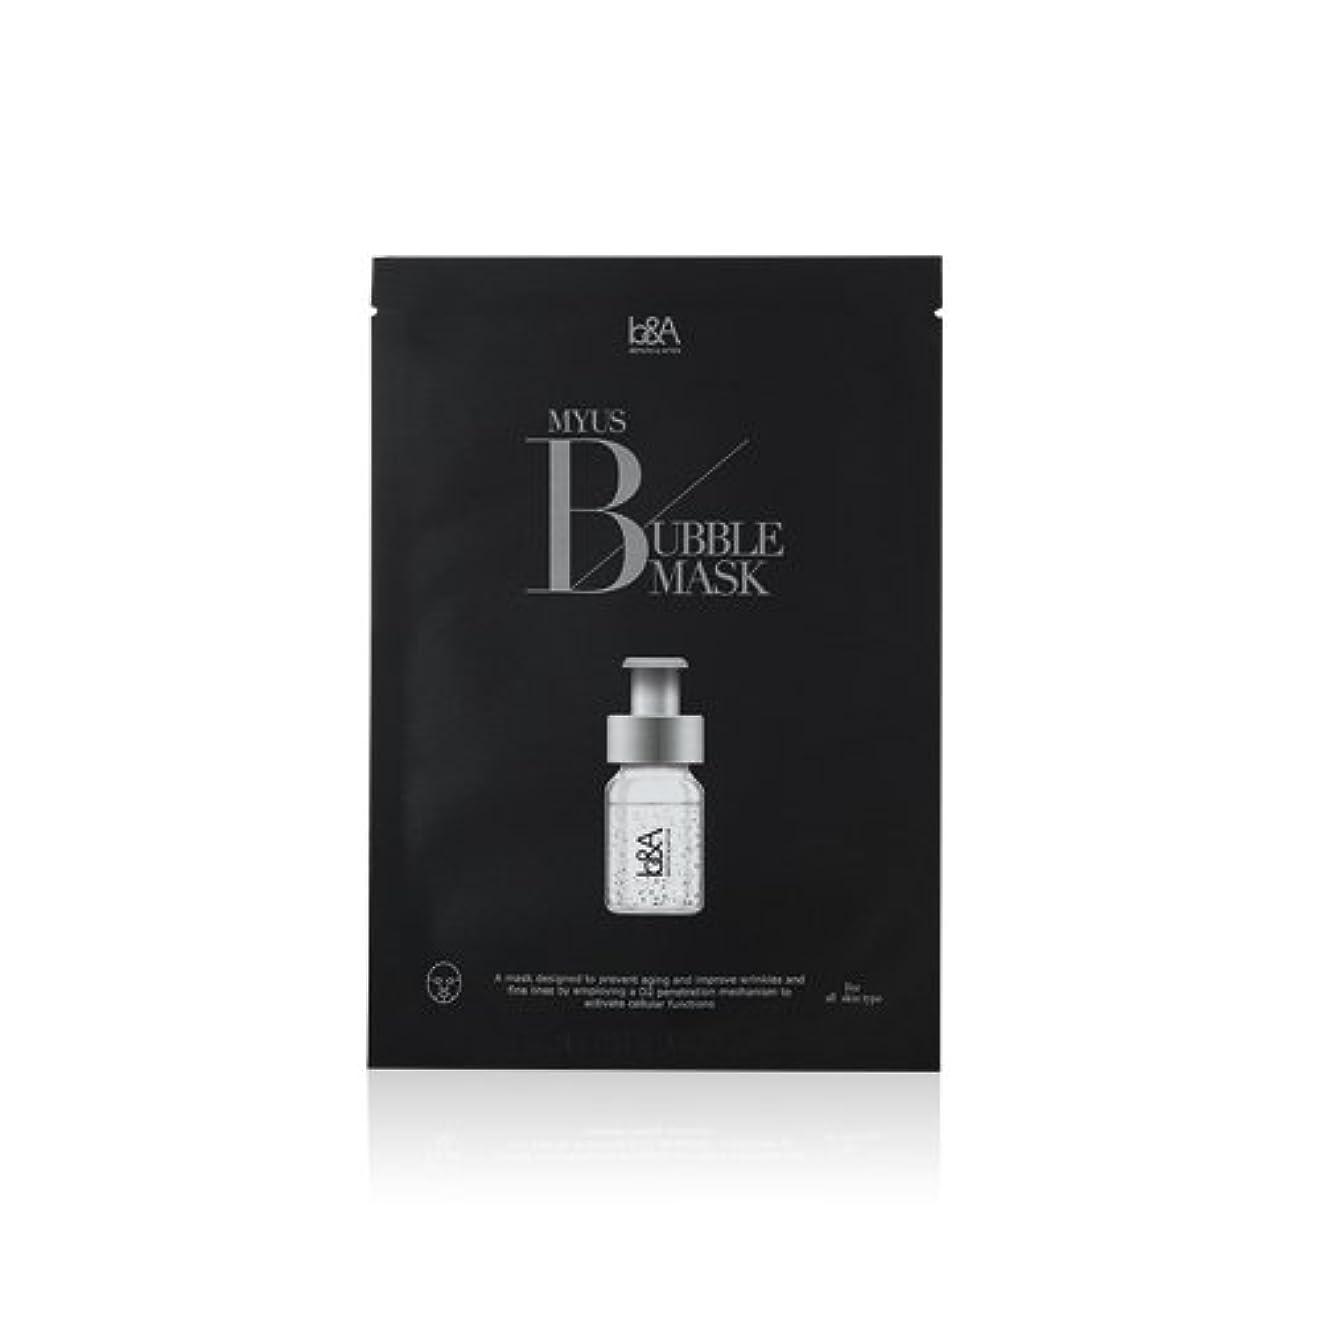 ヘッジ船尾虫を数えるBigBang Top [K cosmetic][K beauty] Celeb's-Secret MYUS BUBBLE MASK 5pcs [海外直送品][並行輸入品]